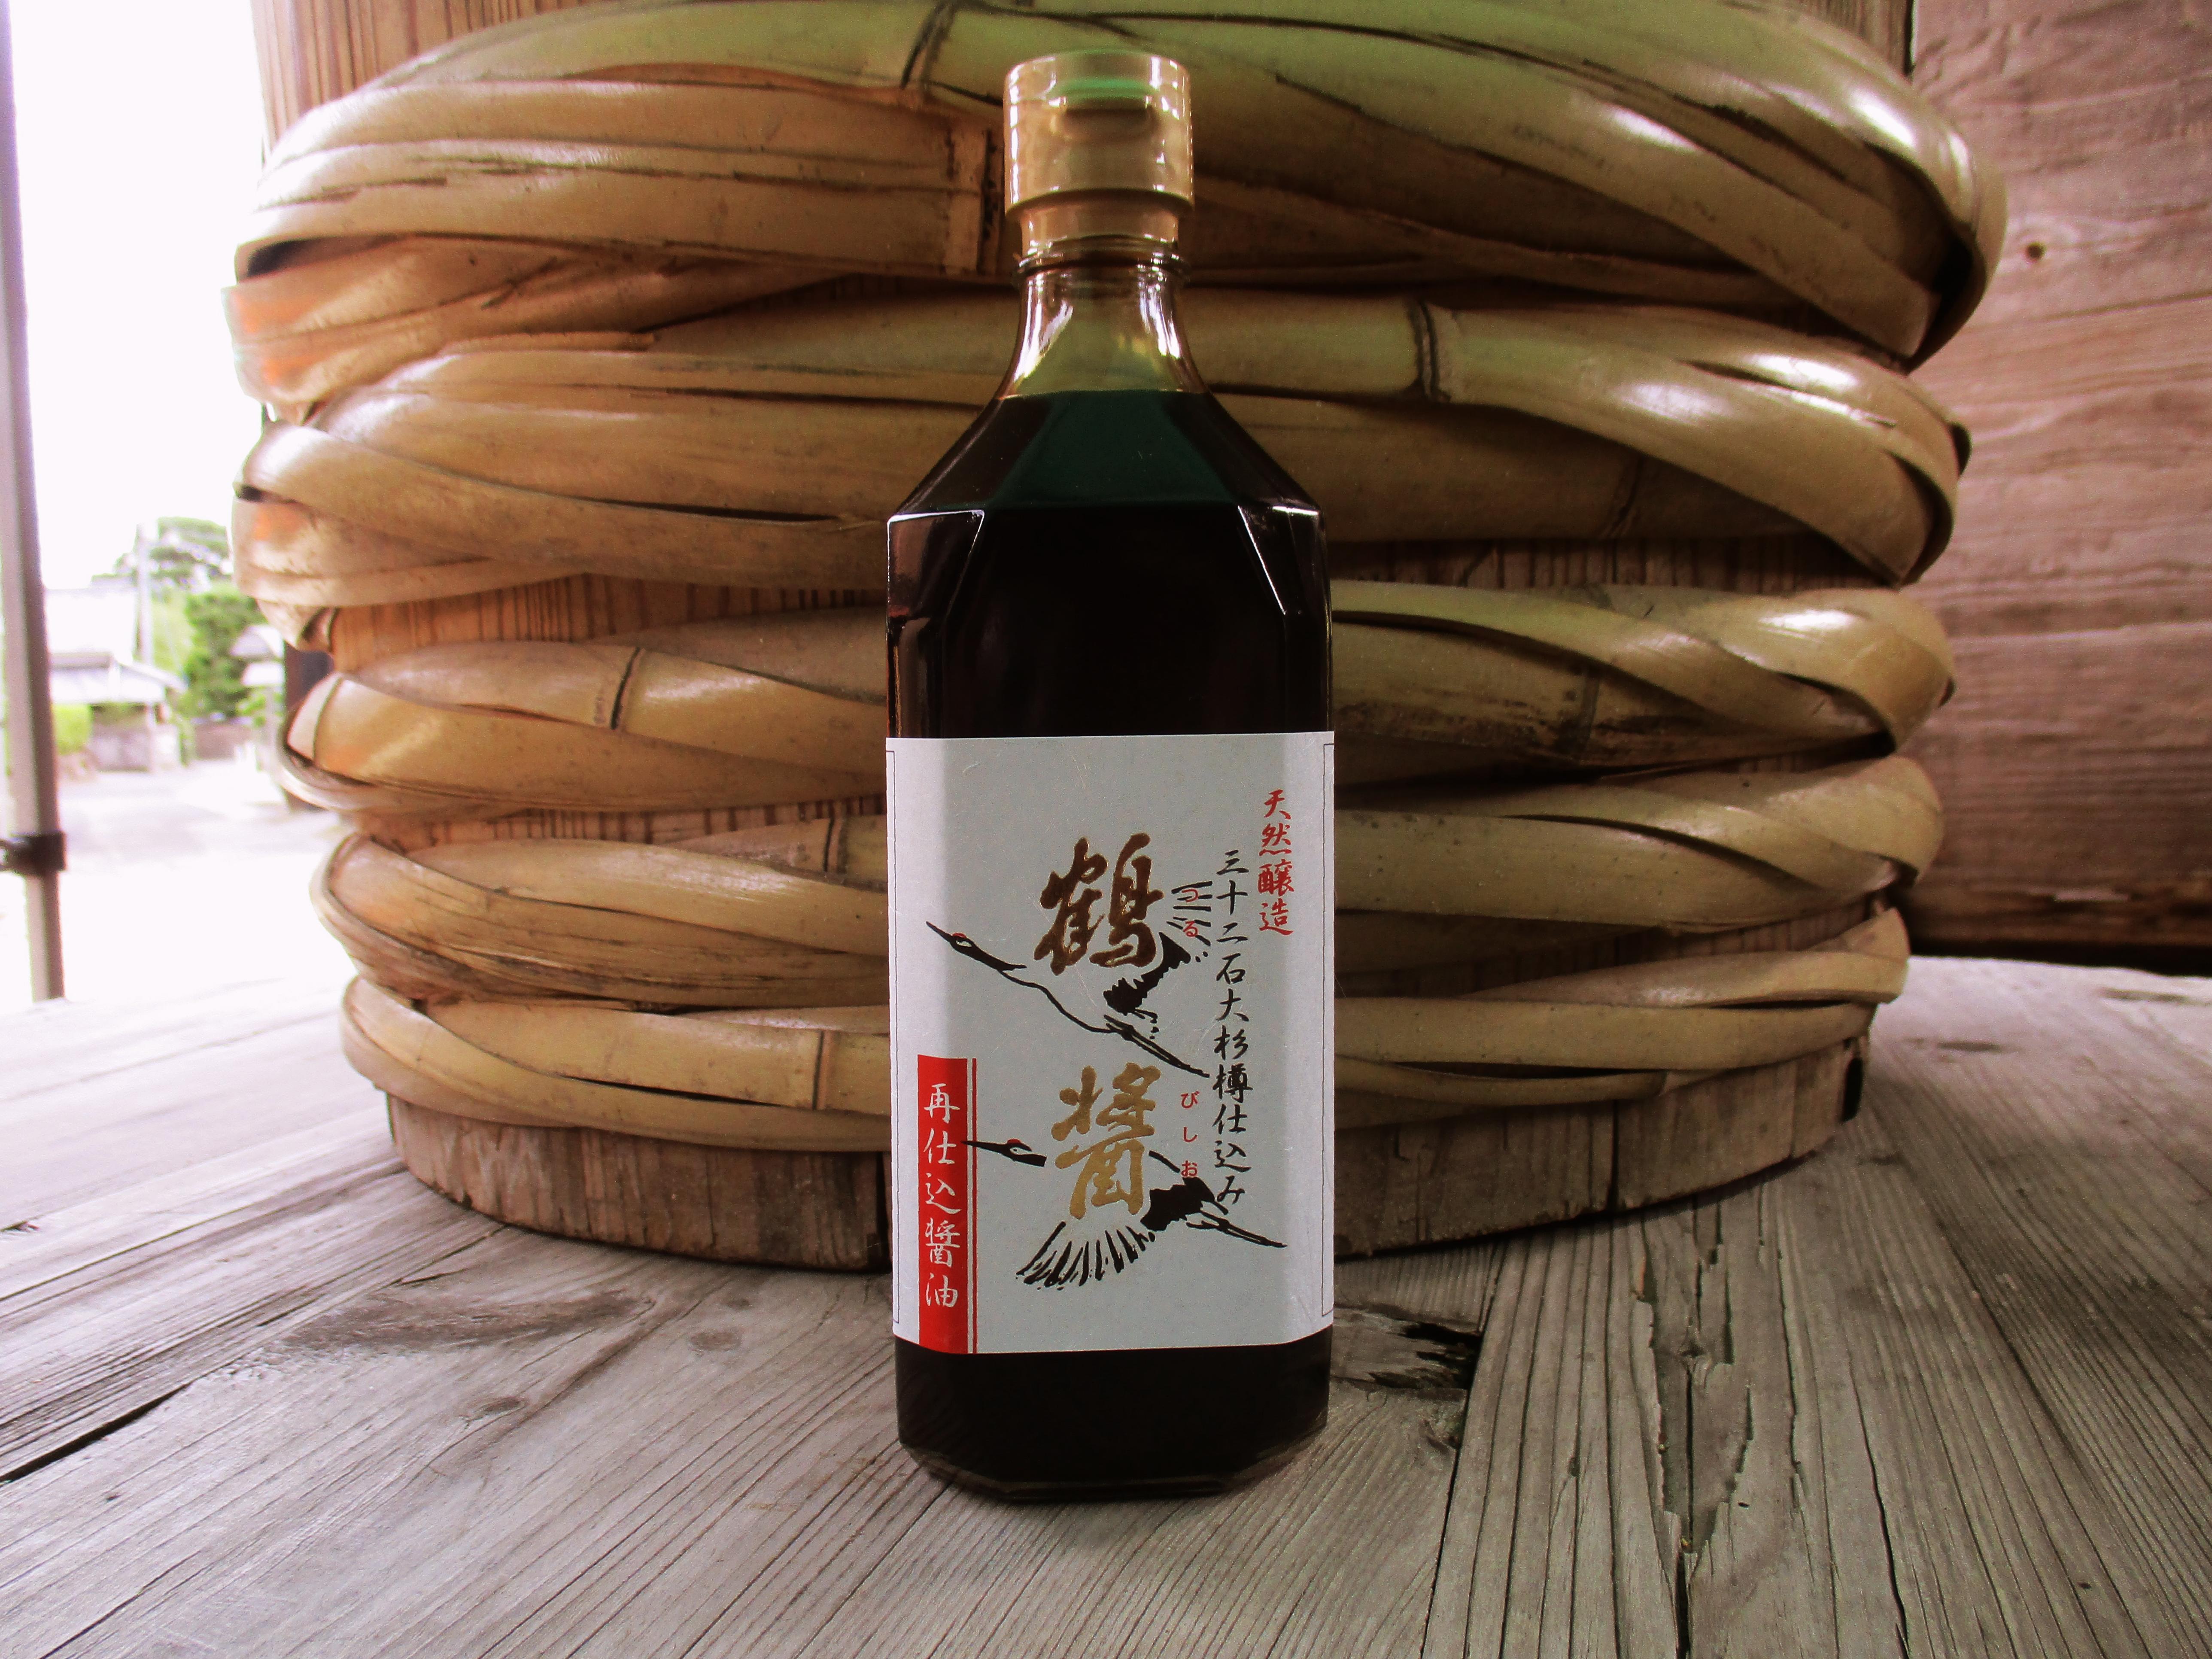 「鶴醤」(つるびしお)